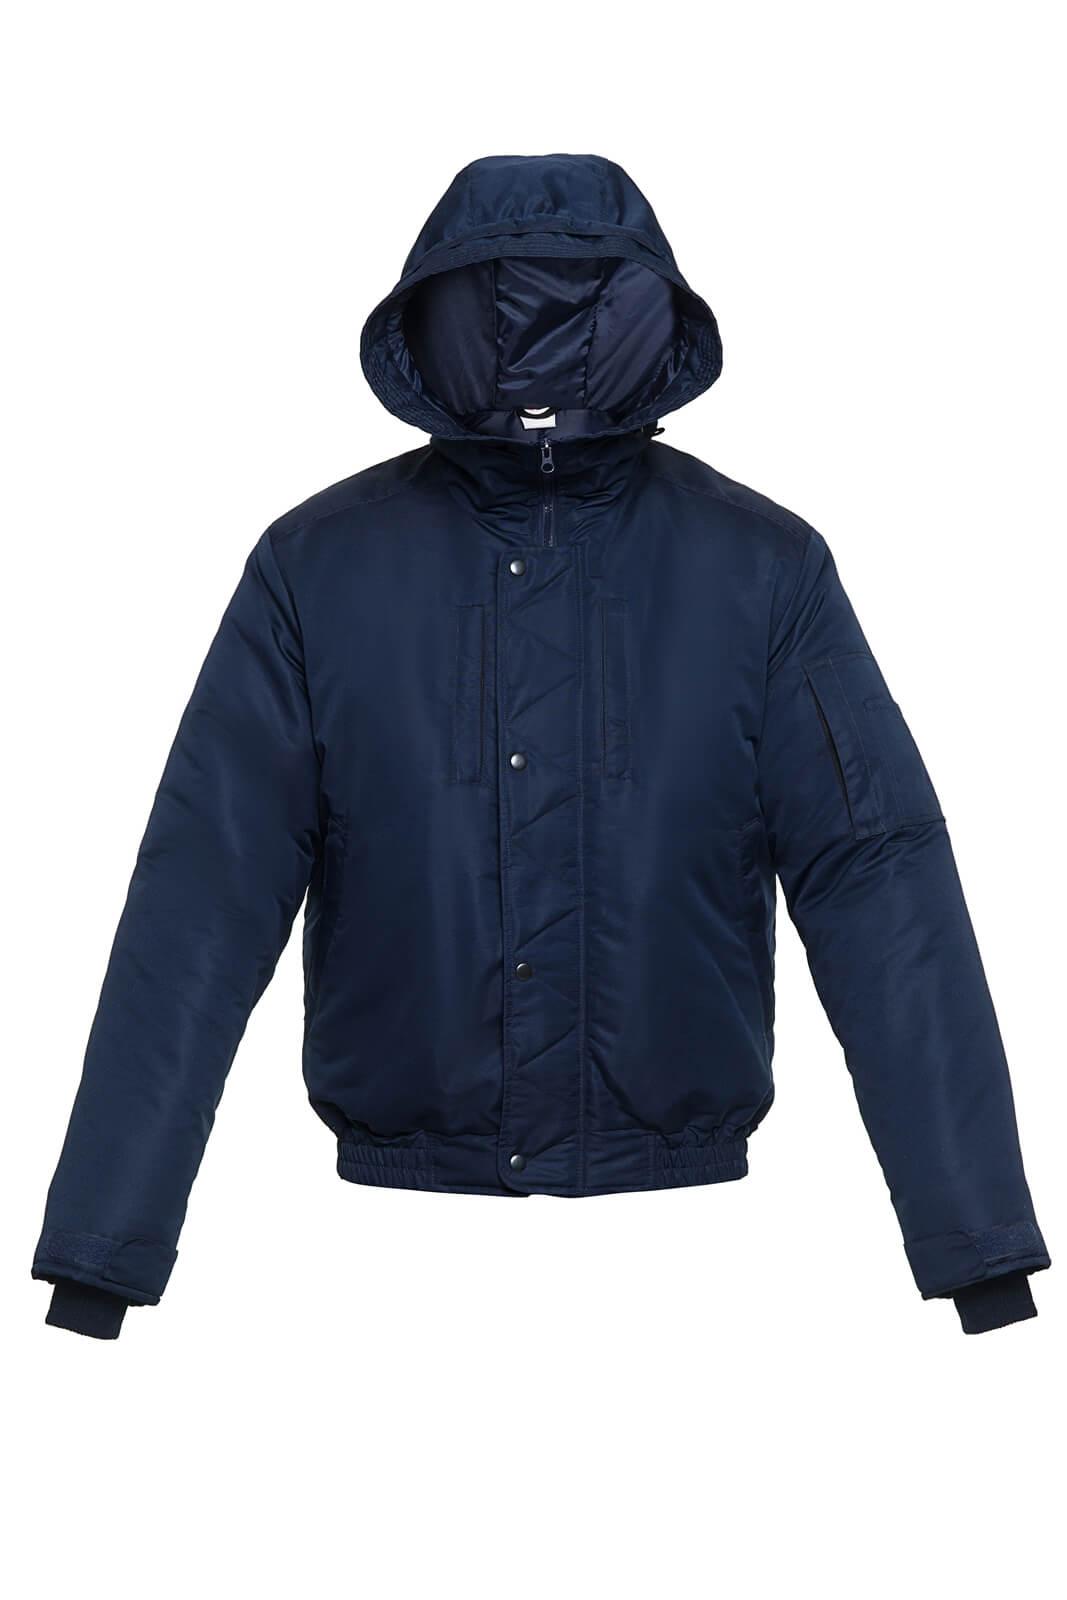 Куртка рабочая зимняя короткая Артикул 20.4 - VT STYLE